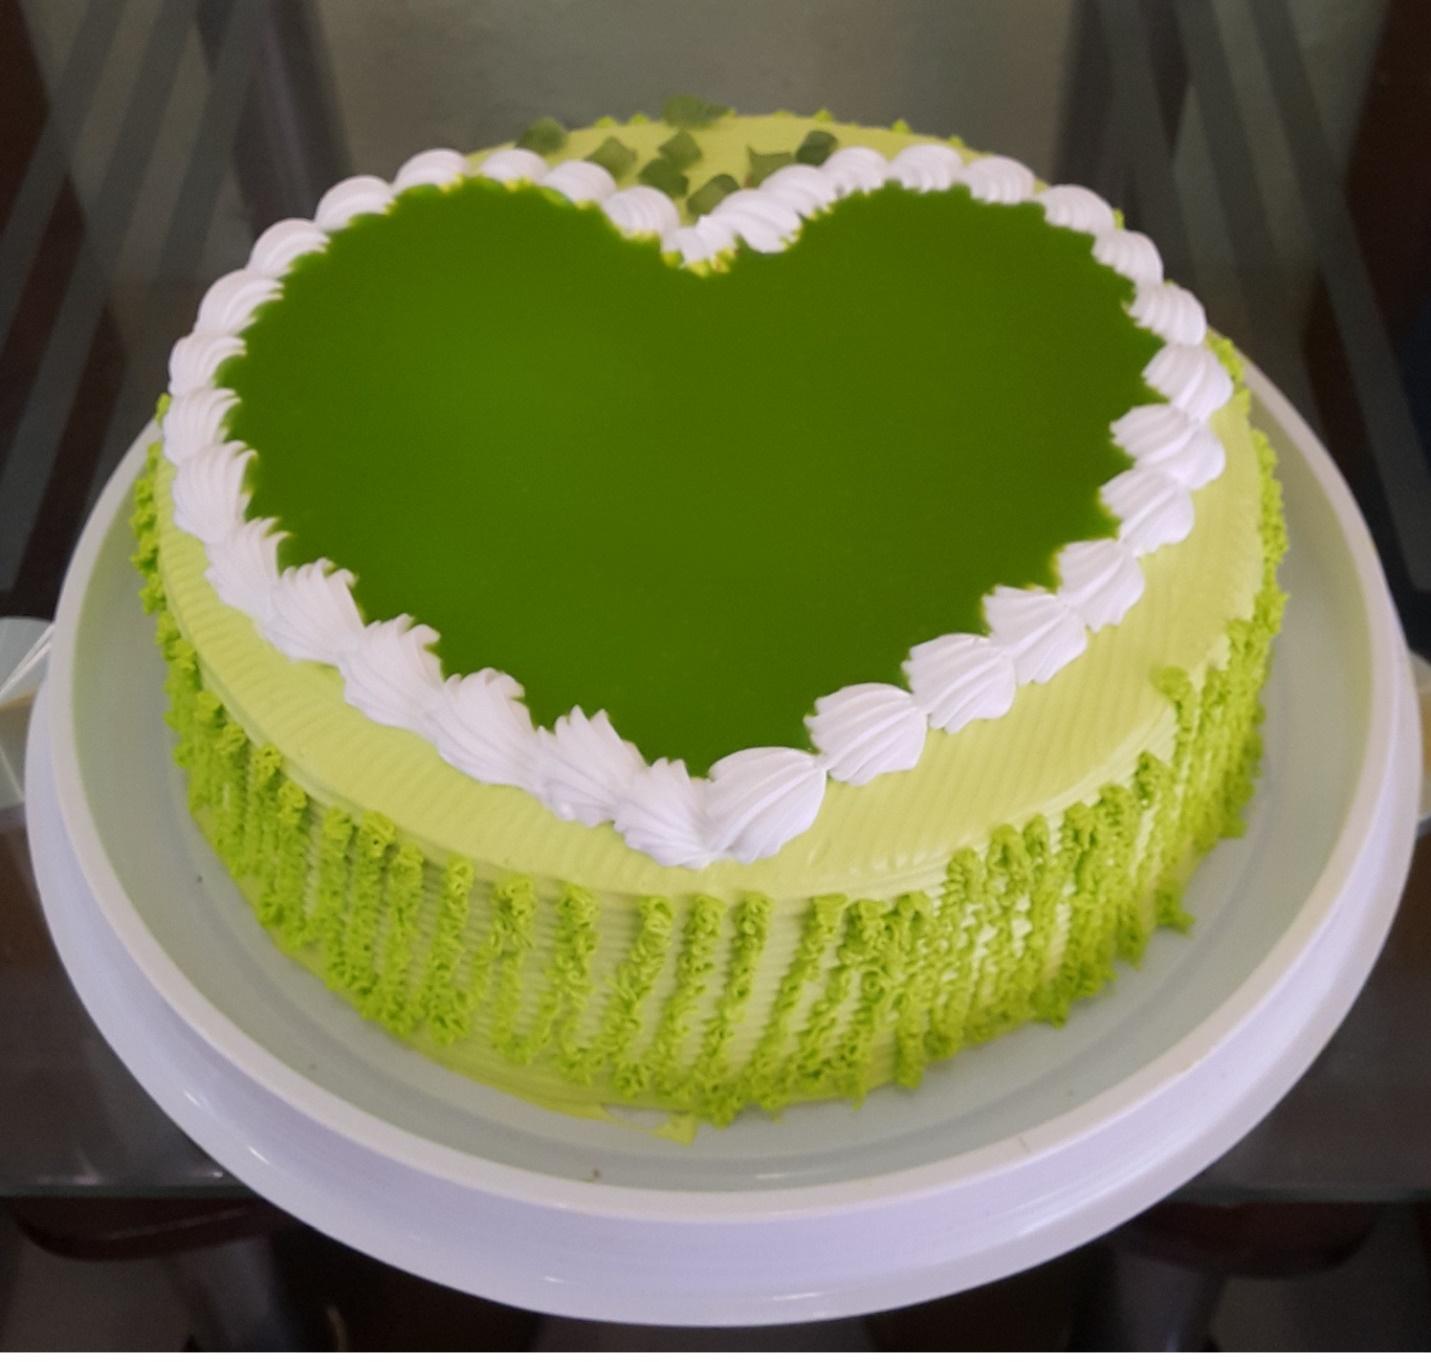 Bánh sinh nhật vị trà xanh có ngon không? Có xứng đáng để đem đi tặng không?